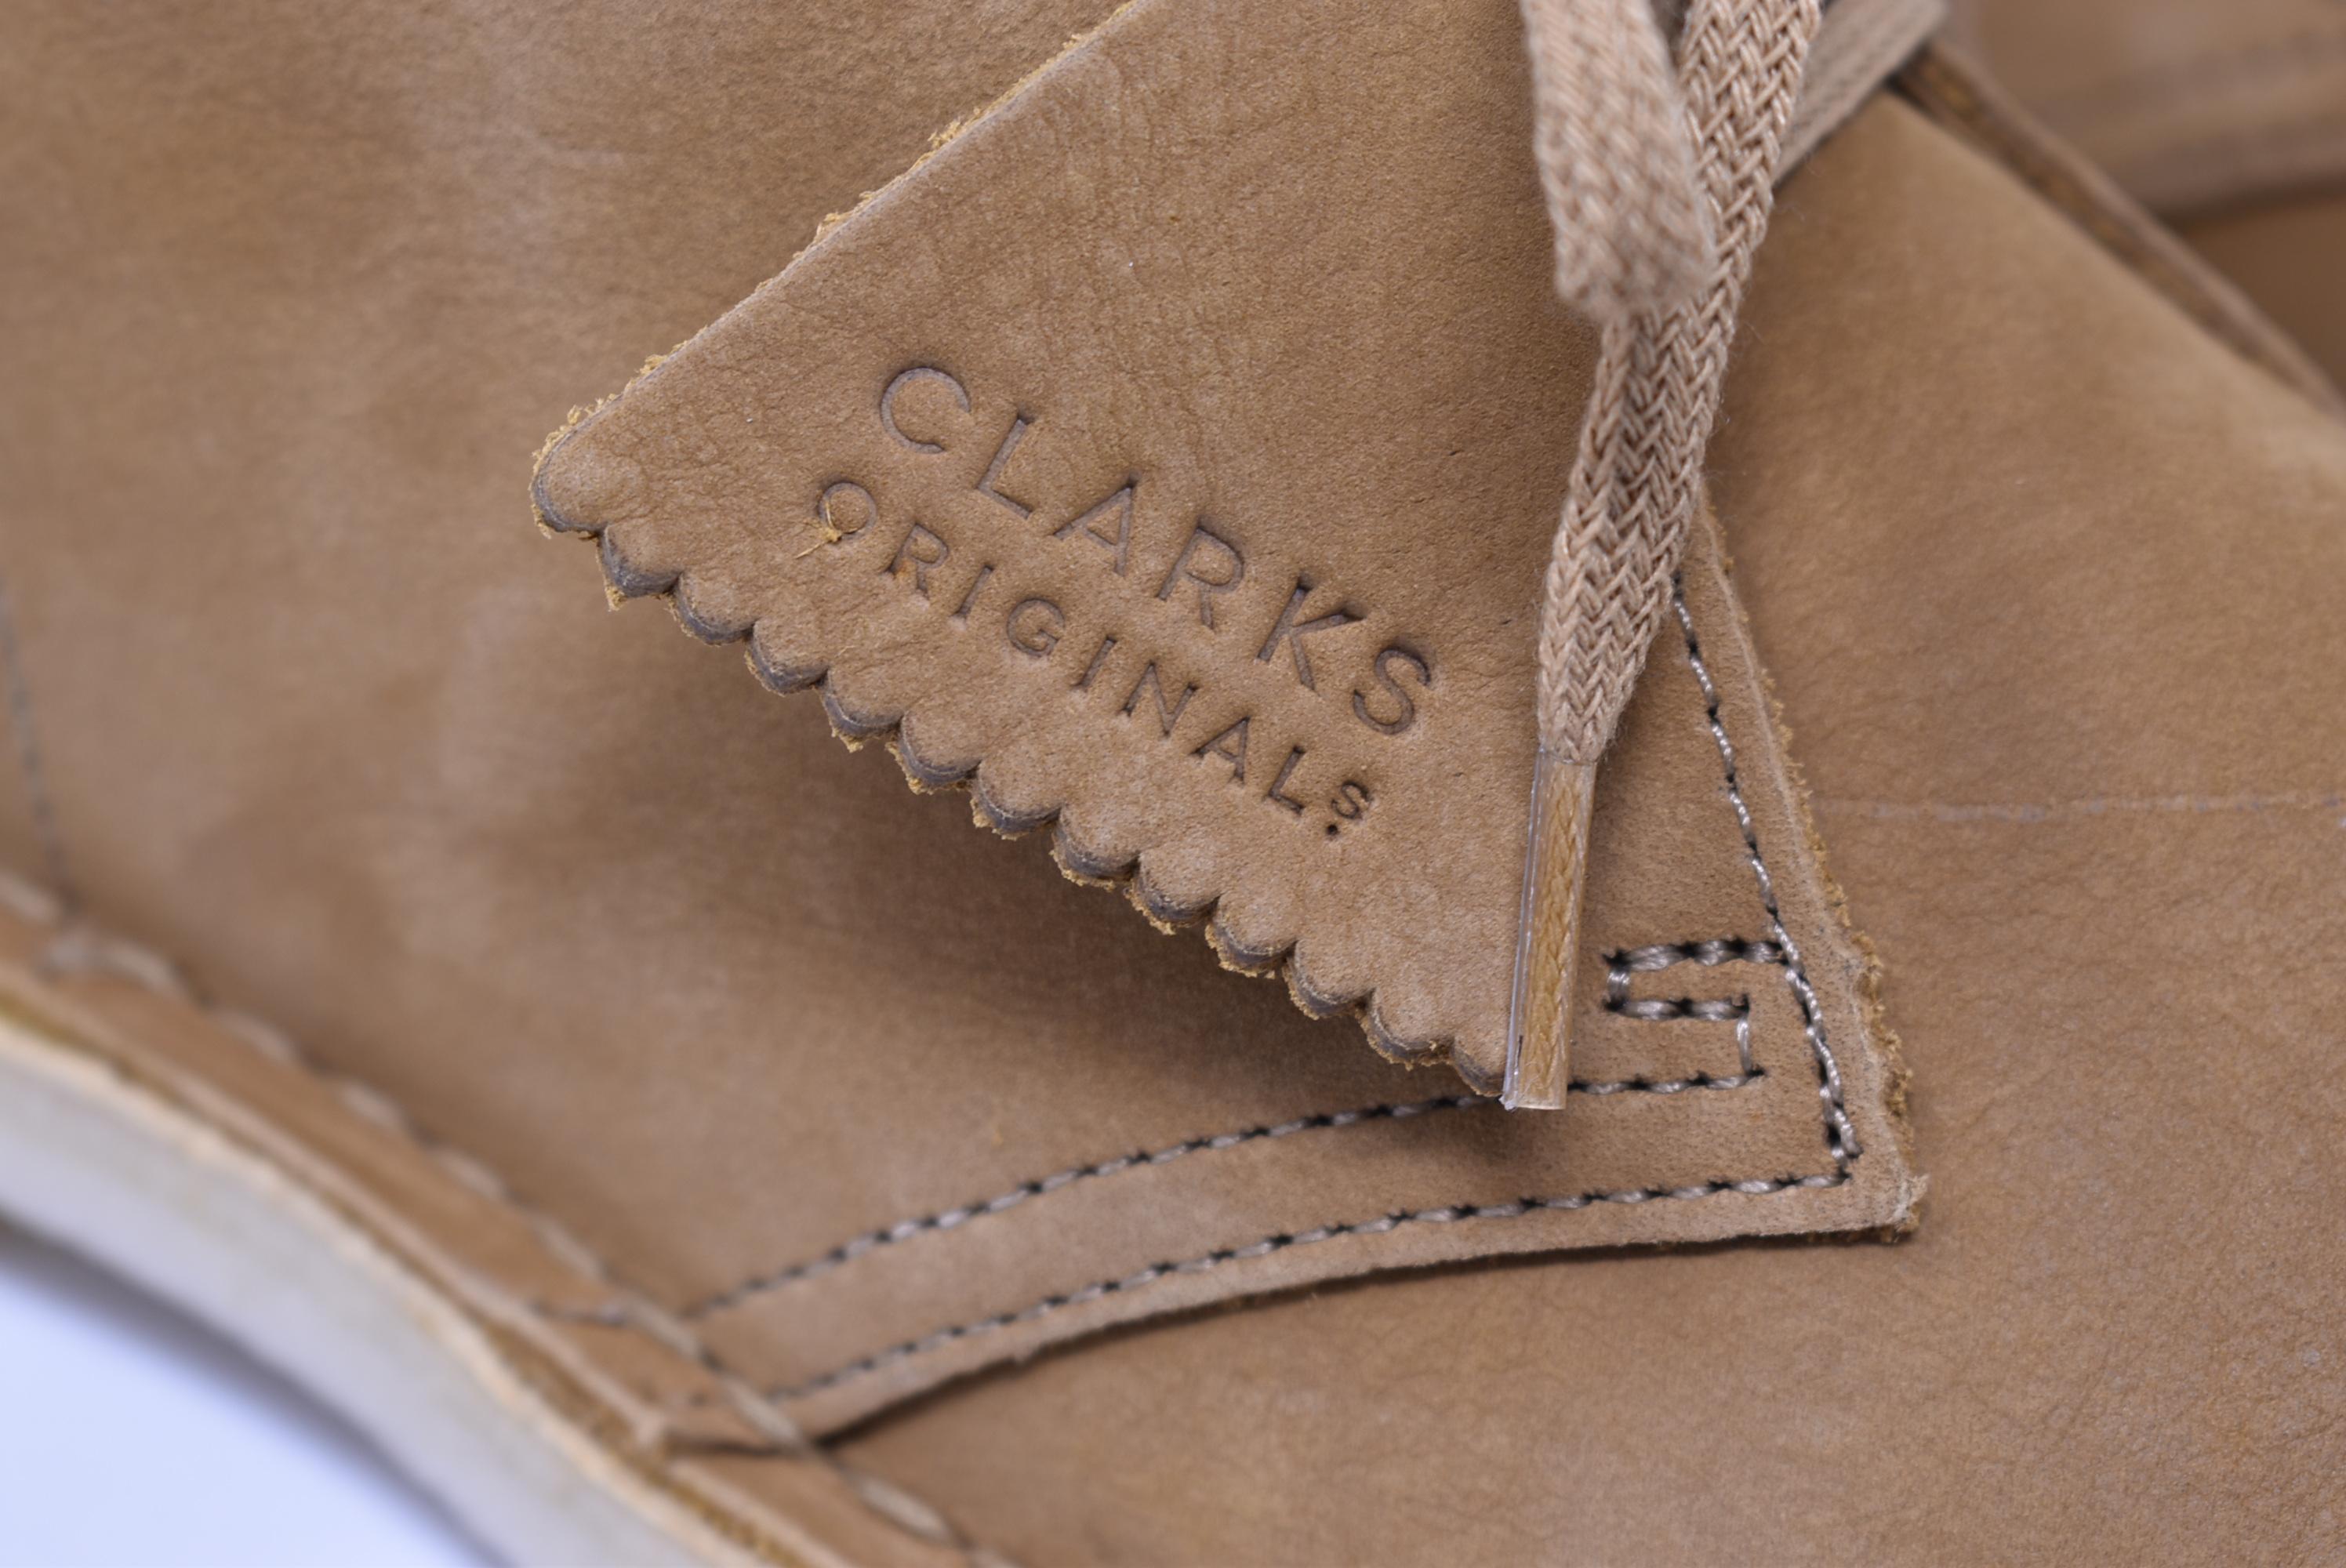 Botas safari de ante (nobuck roble) Clarks de hombre